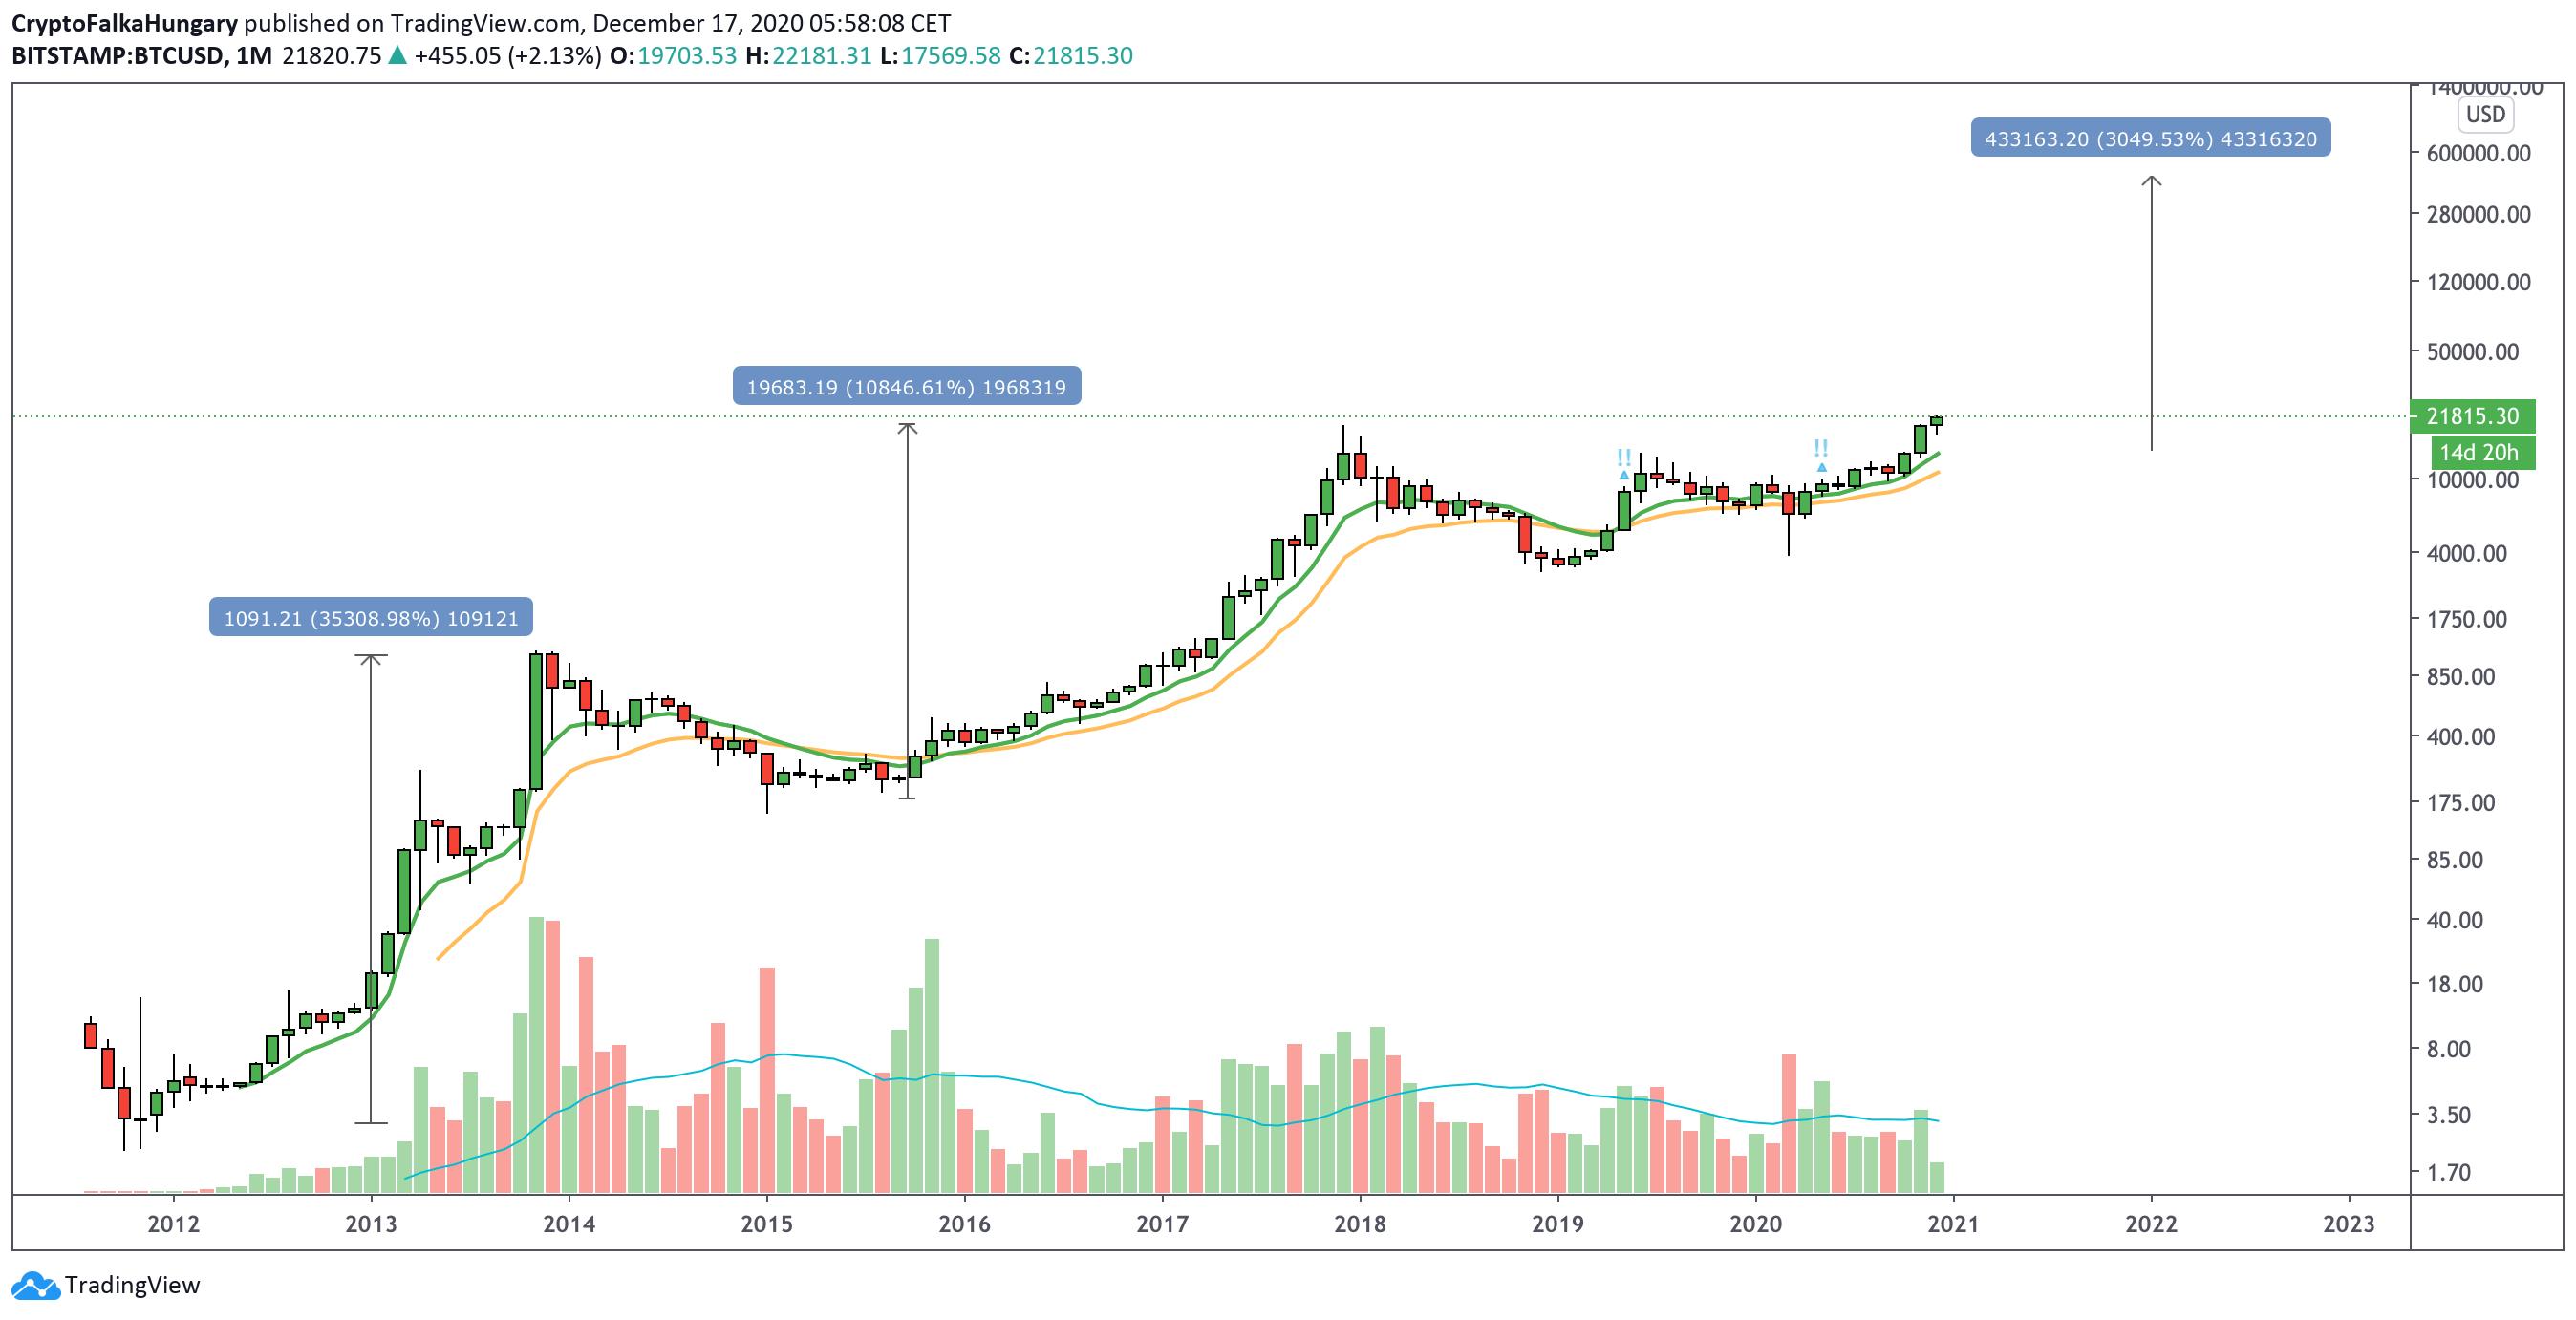 Bitcoin következő bika ciklusa I Cryptofalka